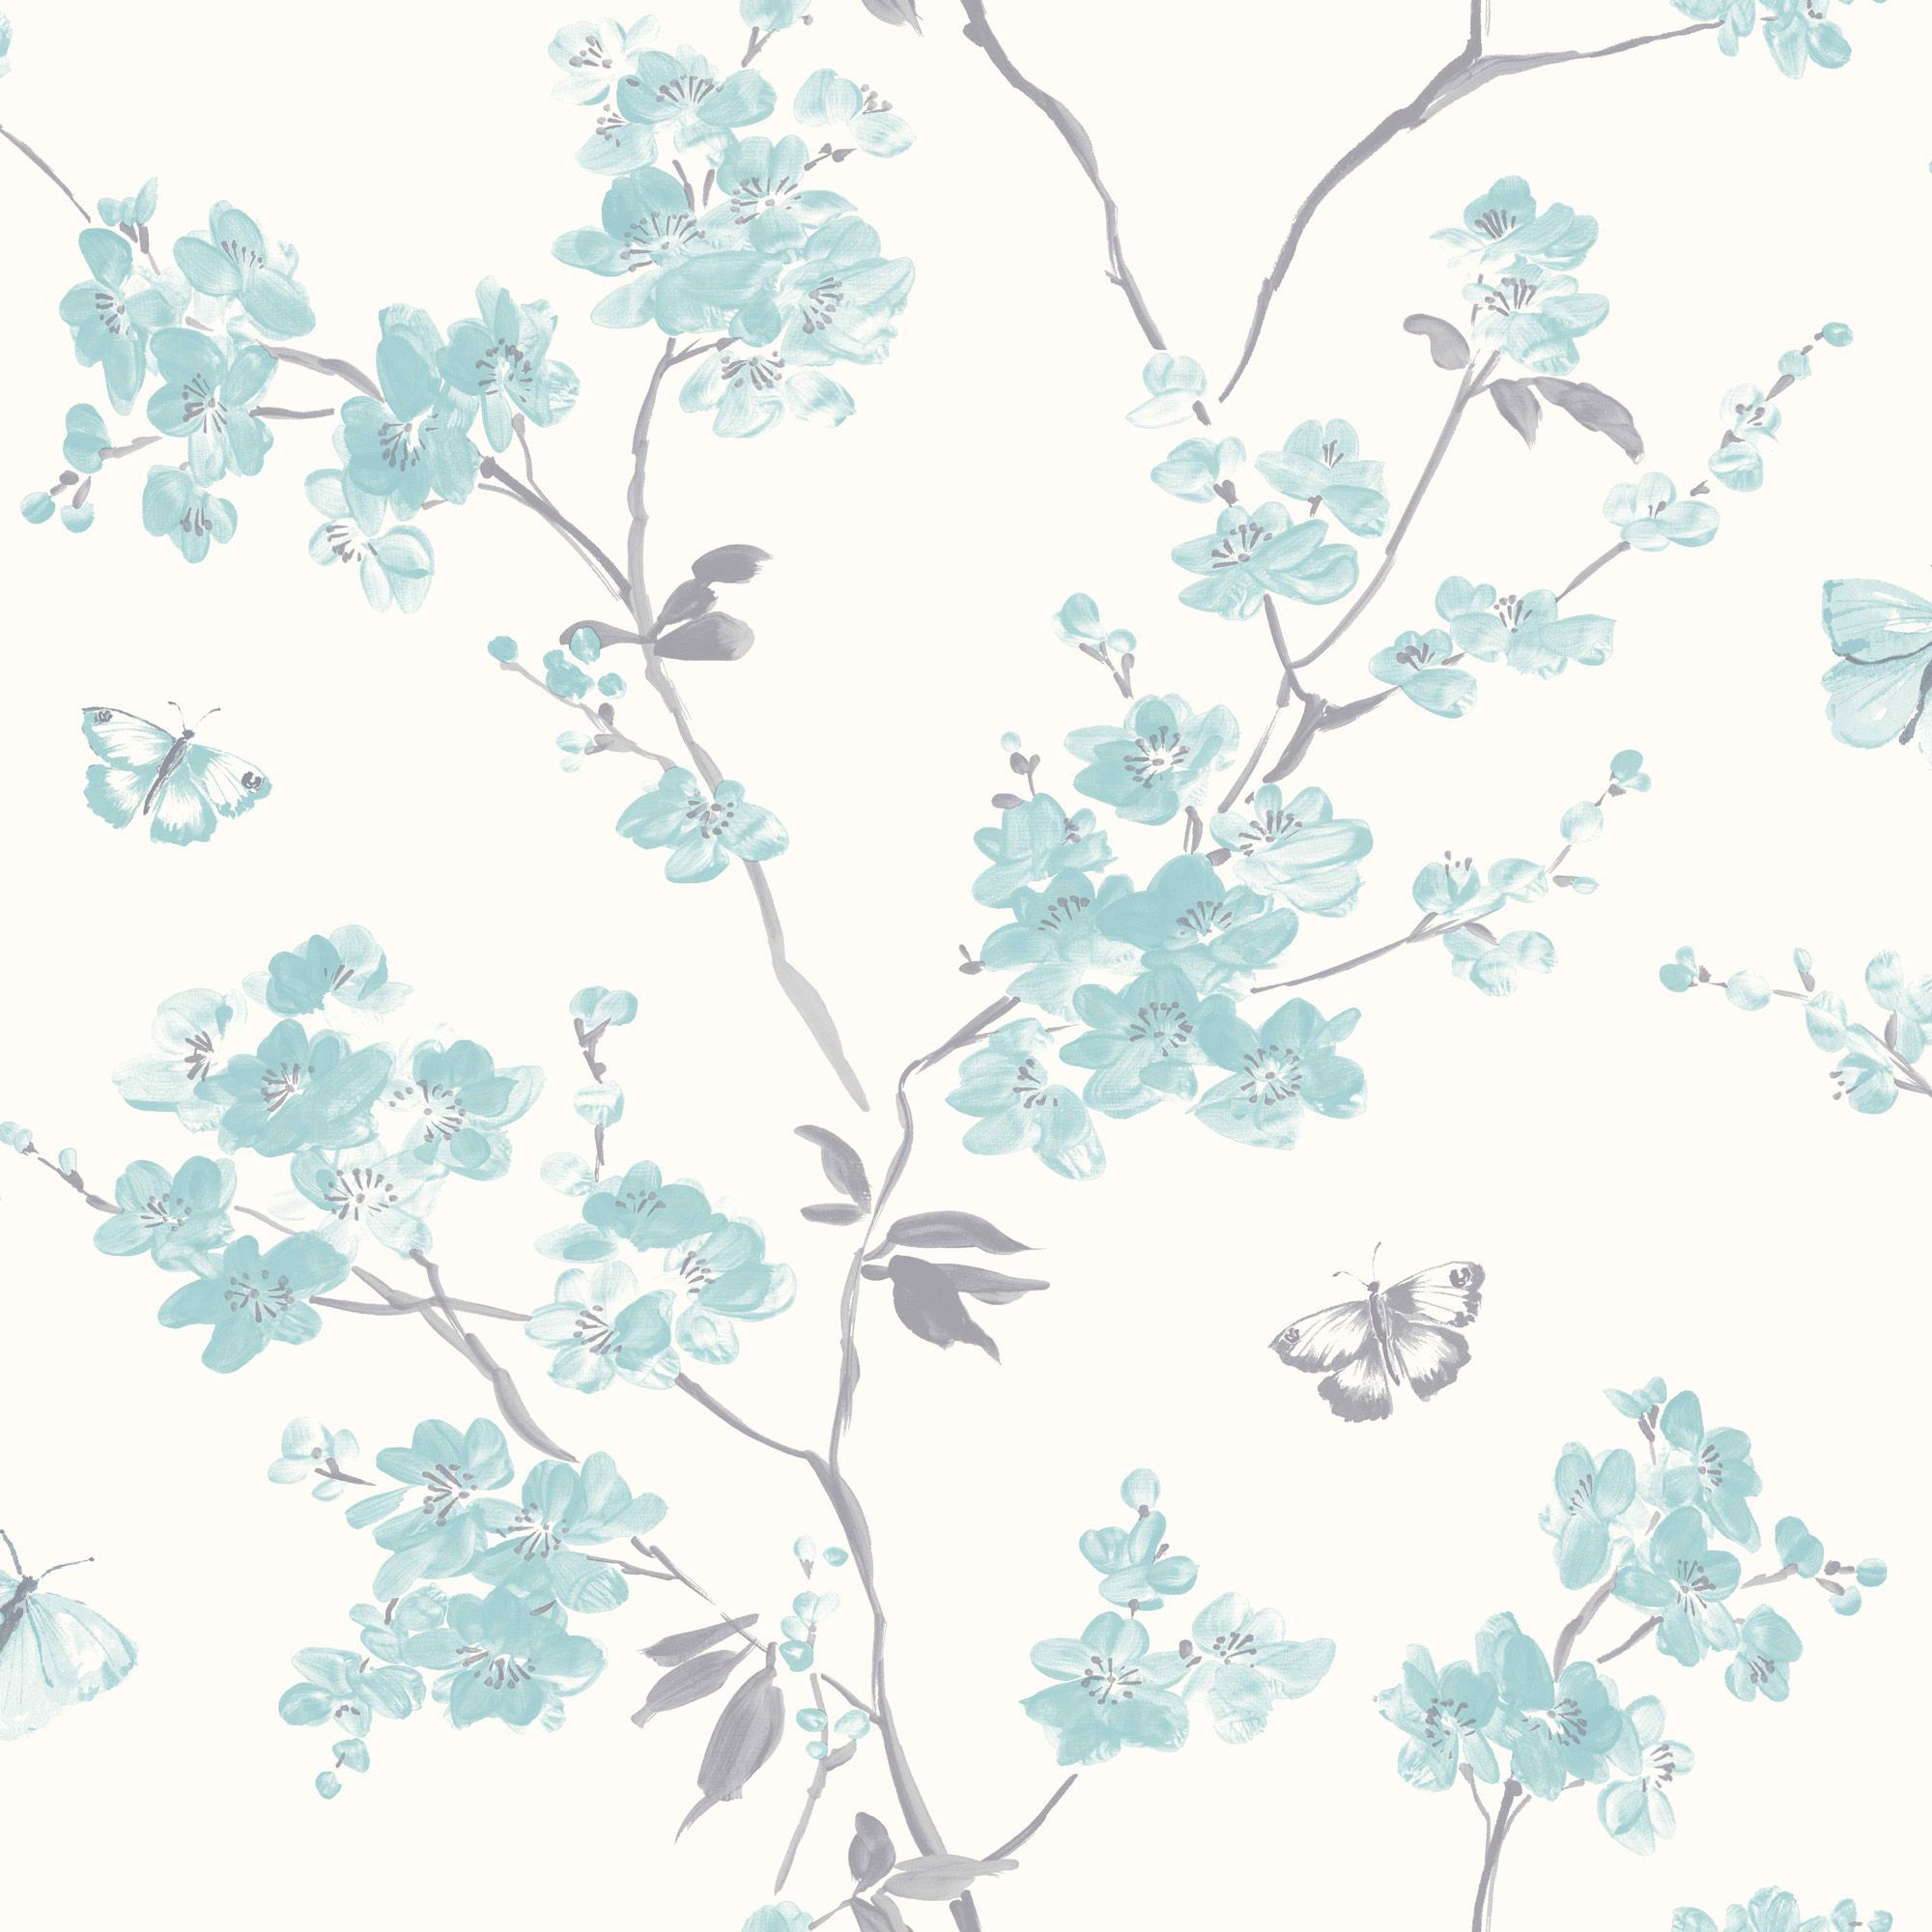 Teal Bedroom Wallpaper Cream Bedroom Wallpaper Diy